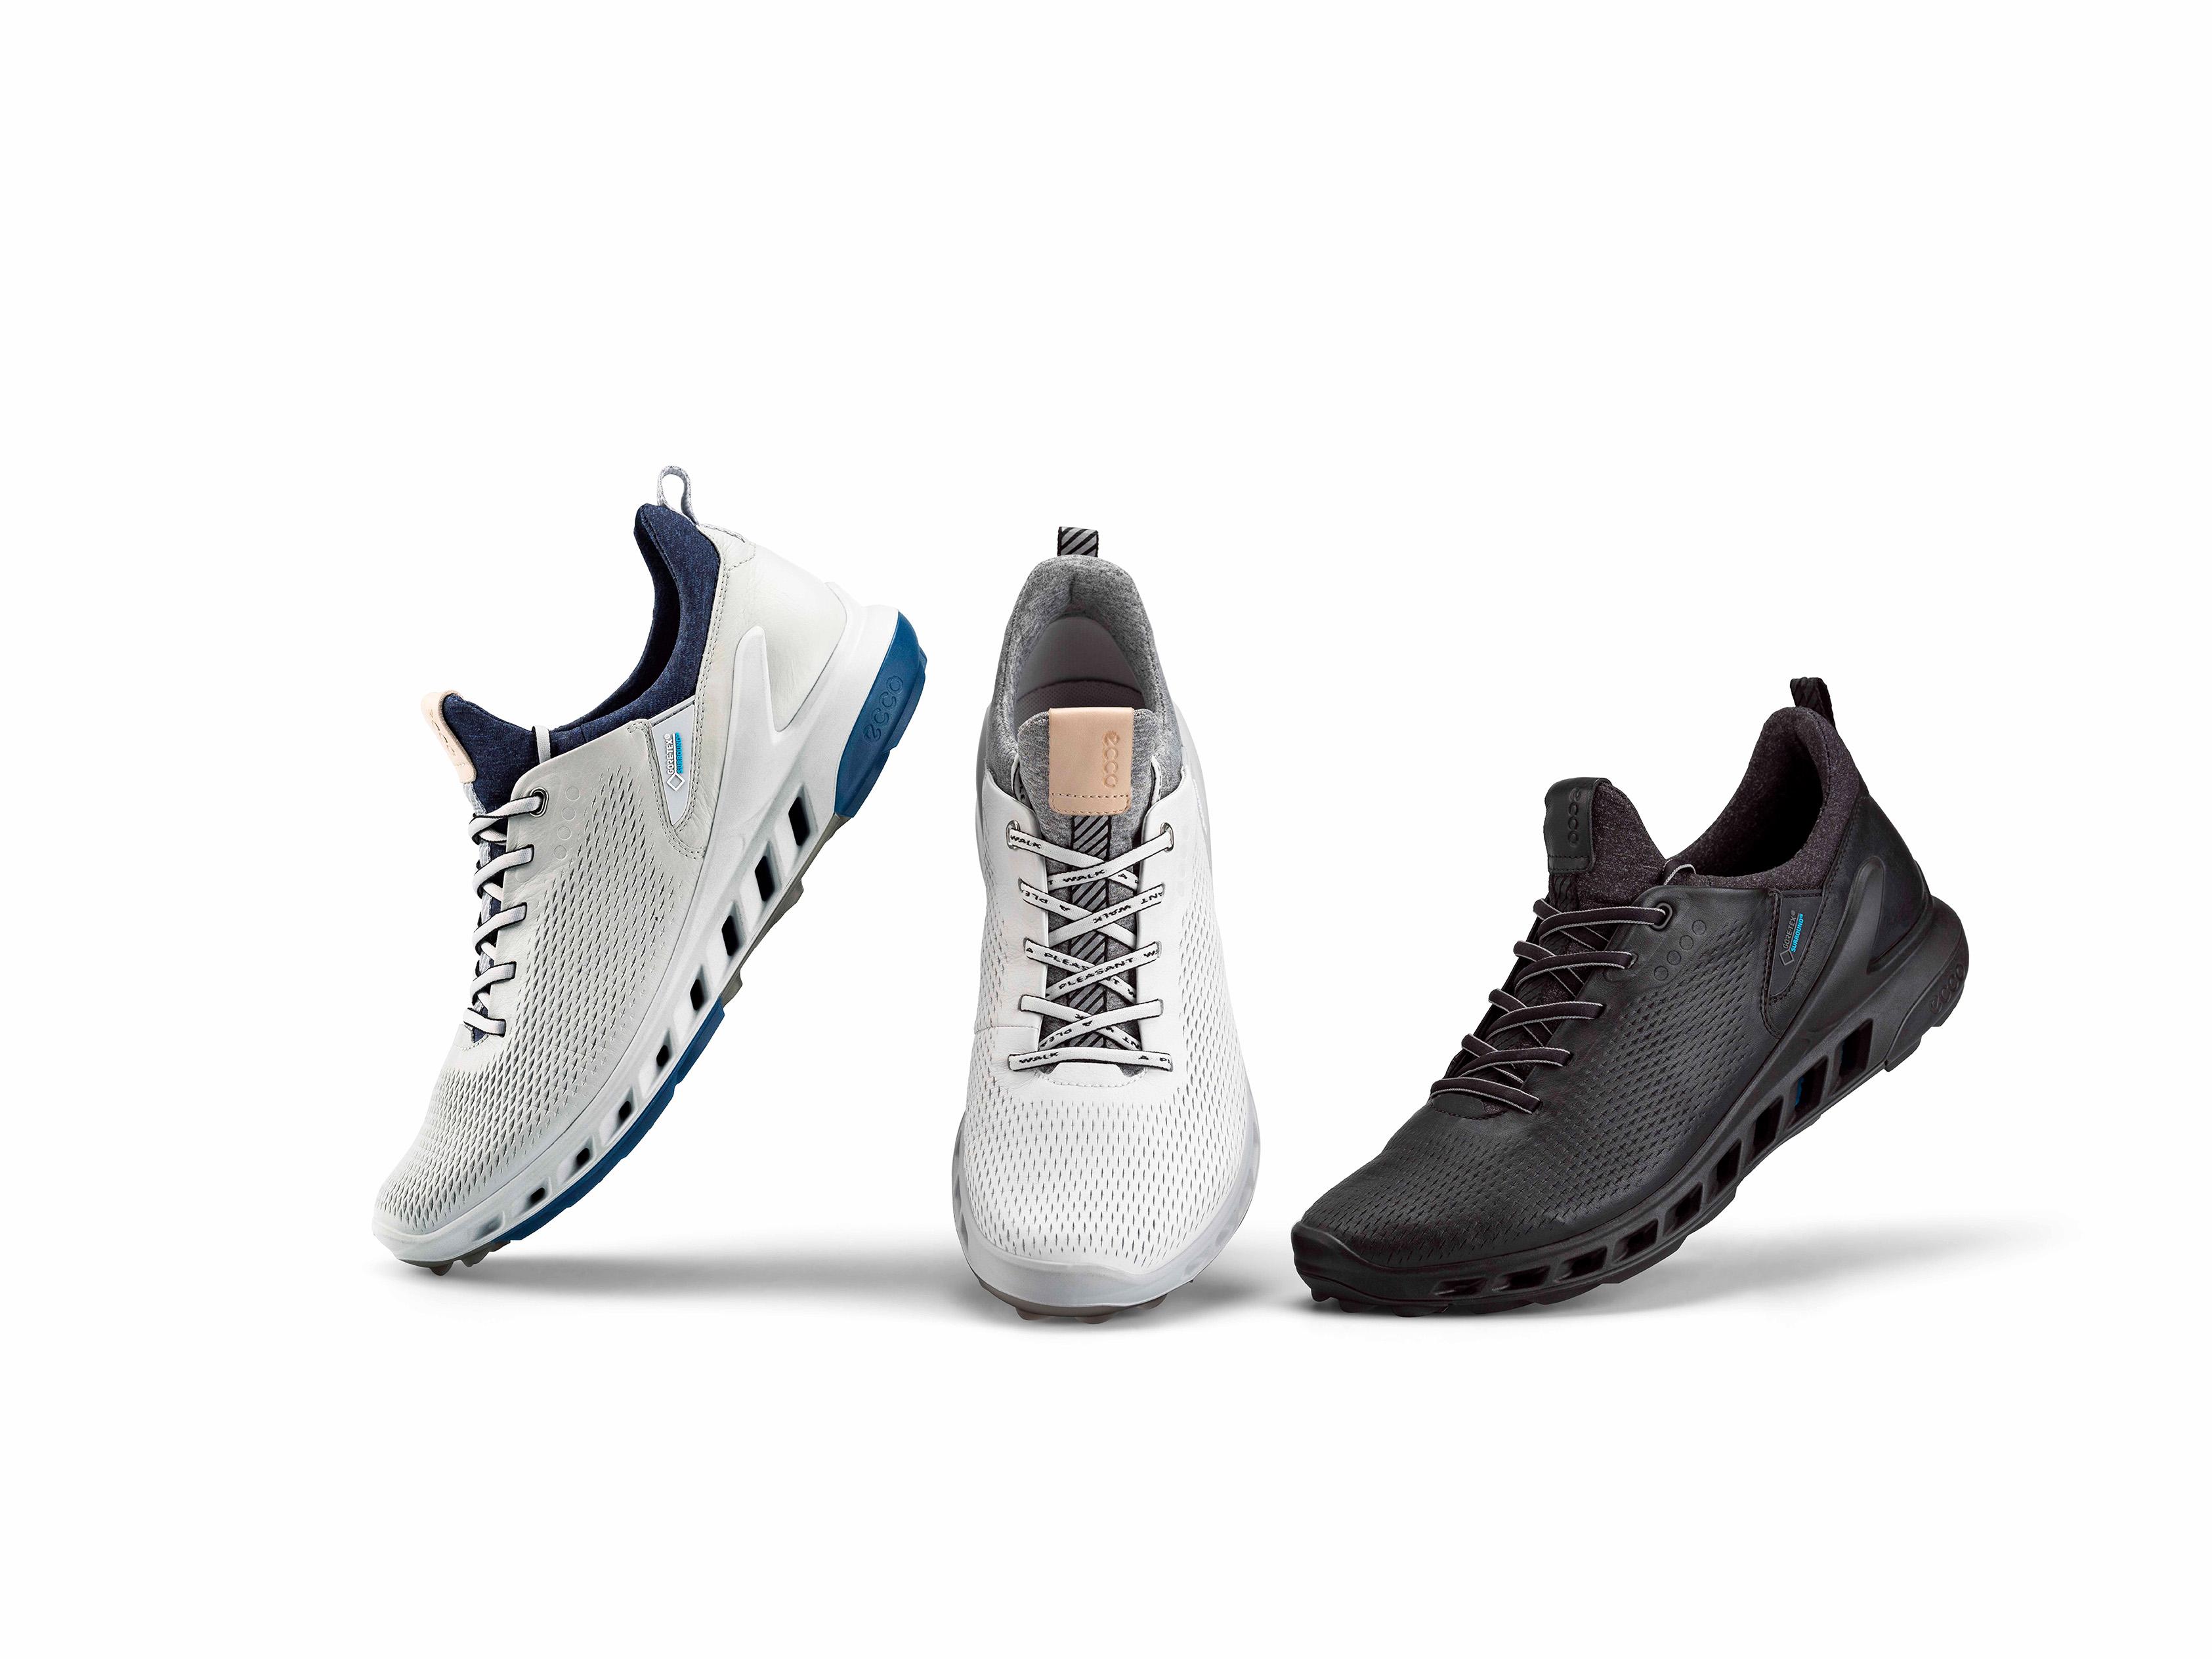 new concept 383db 5e780 ECCO®GOLF lehrt die Schuhe atmen – Simplygolf